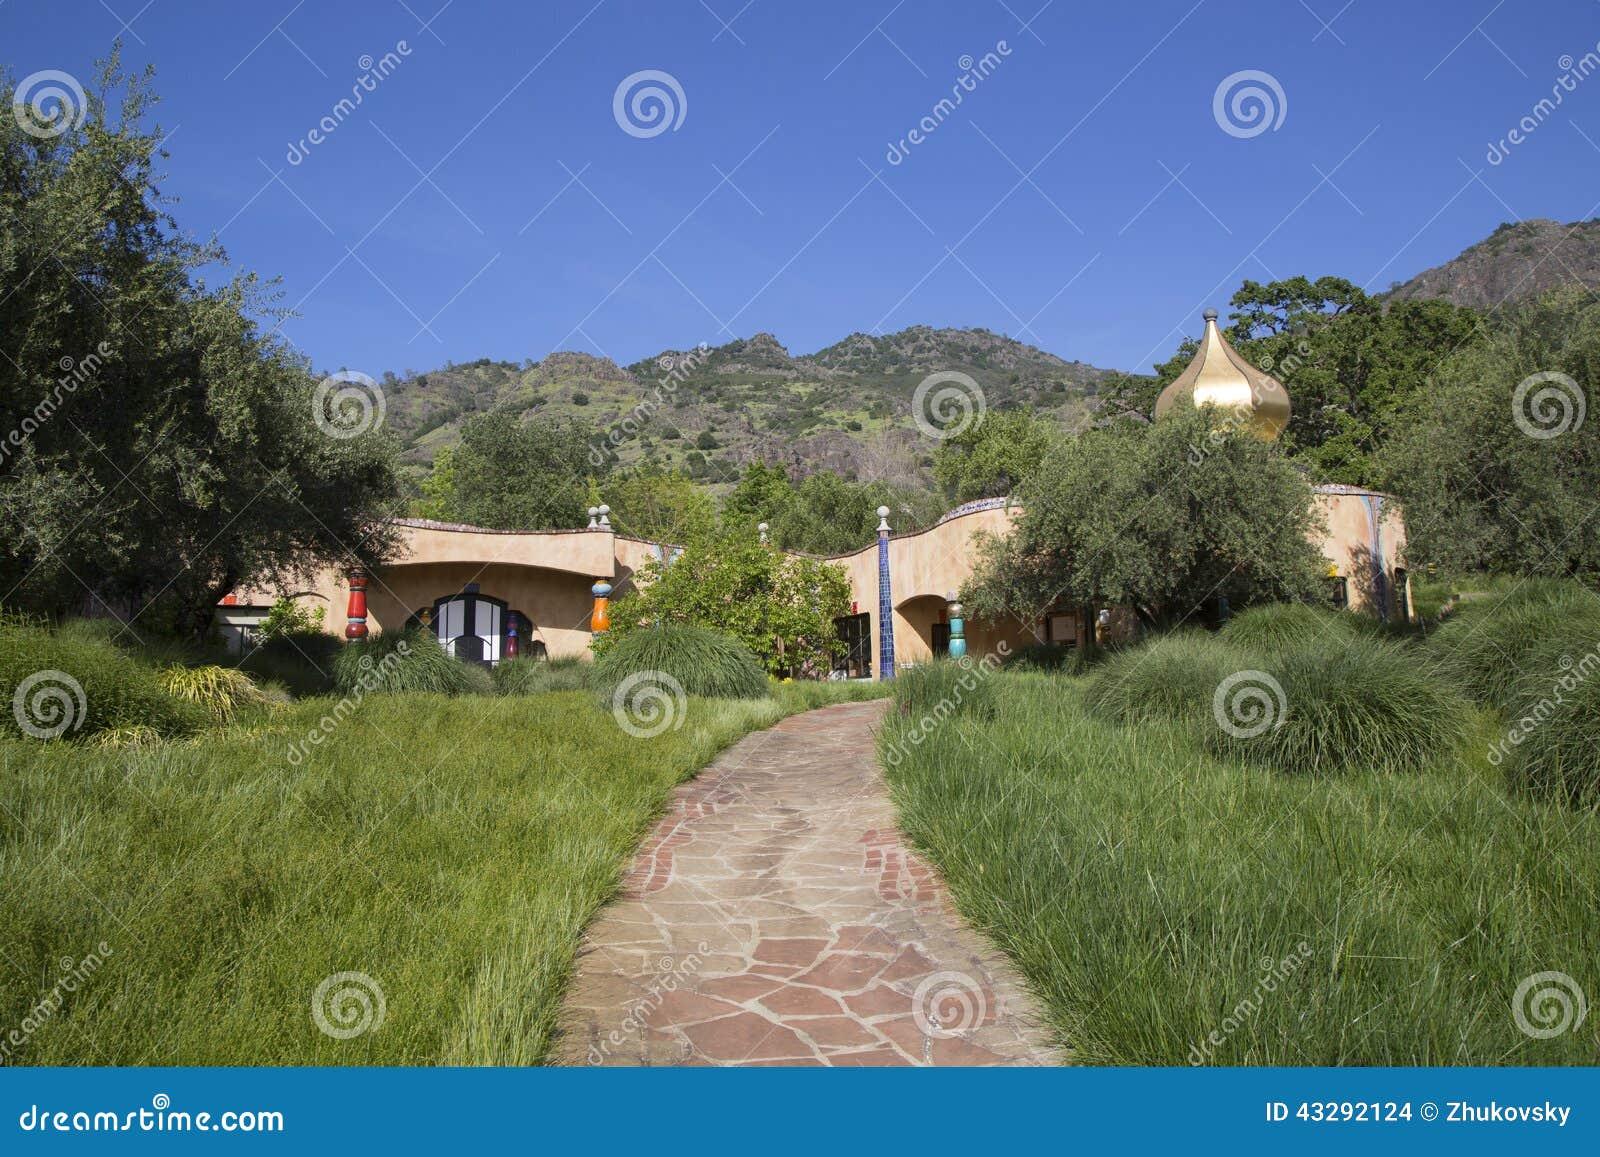 Винодельня Quixote в Napa Valley построила венским архитектором Friedensreich Hundertwasser